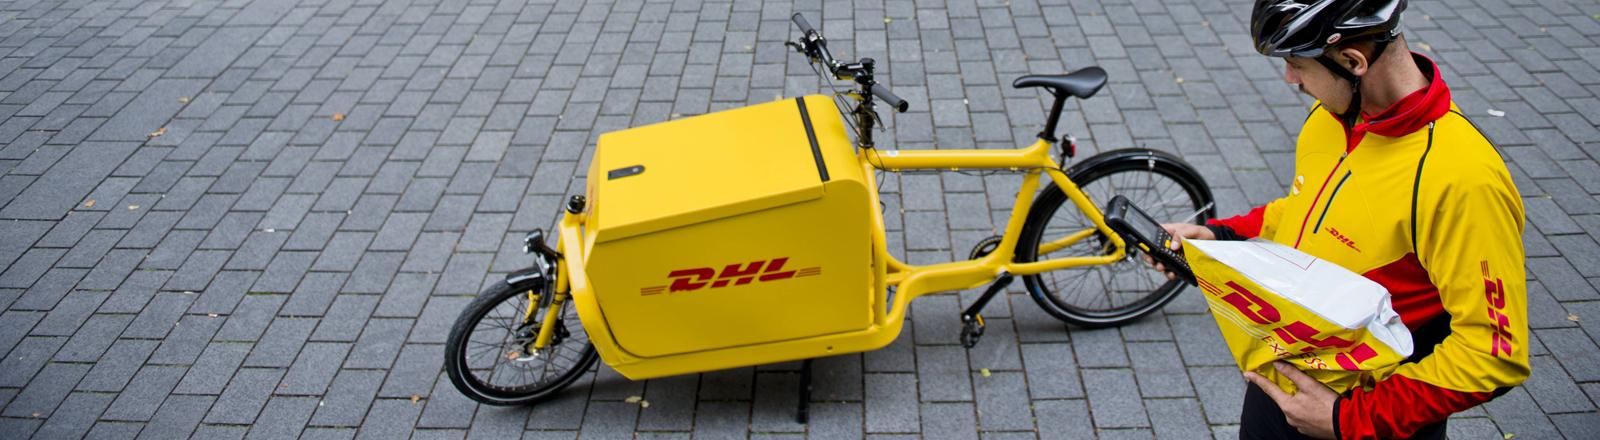 Paketzusteller mit einem Lastenrad